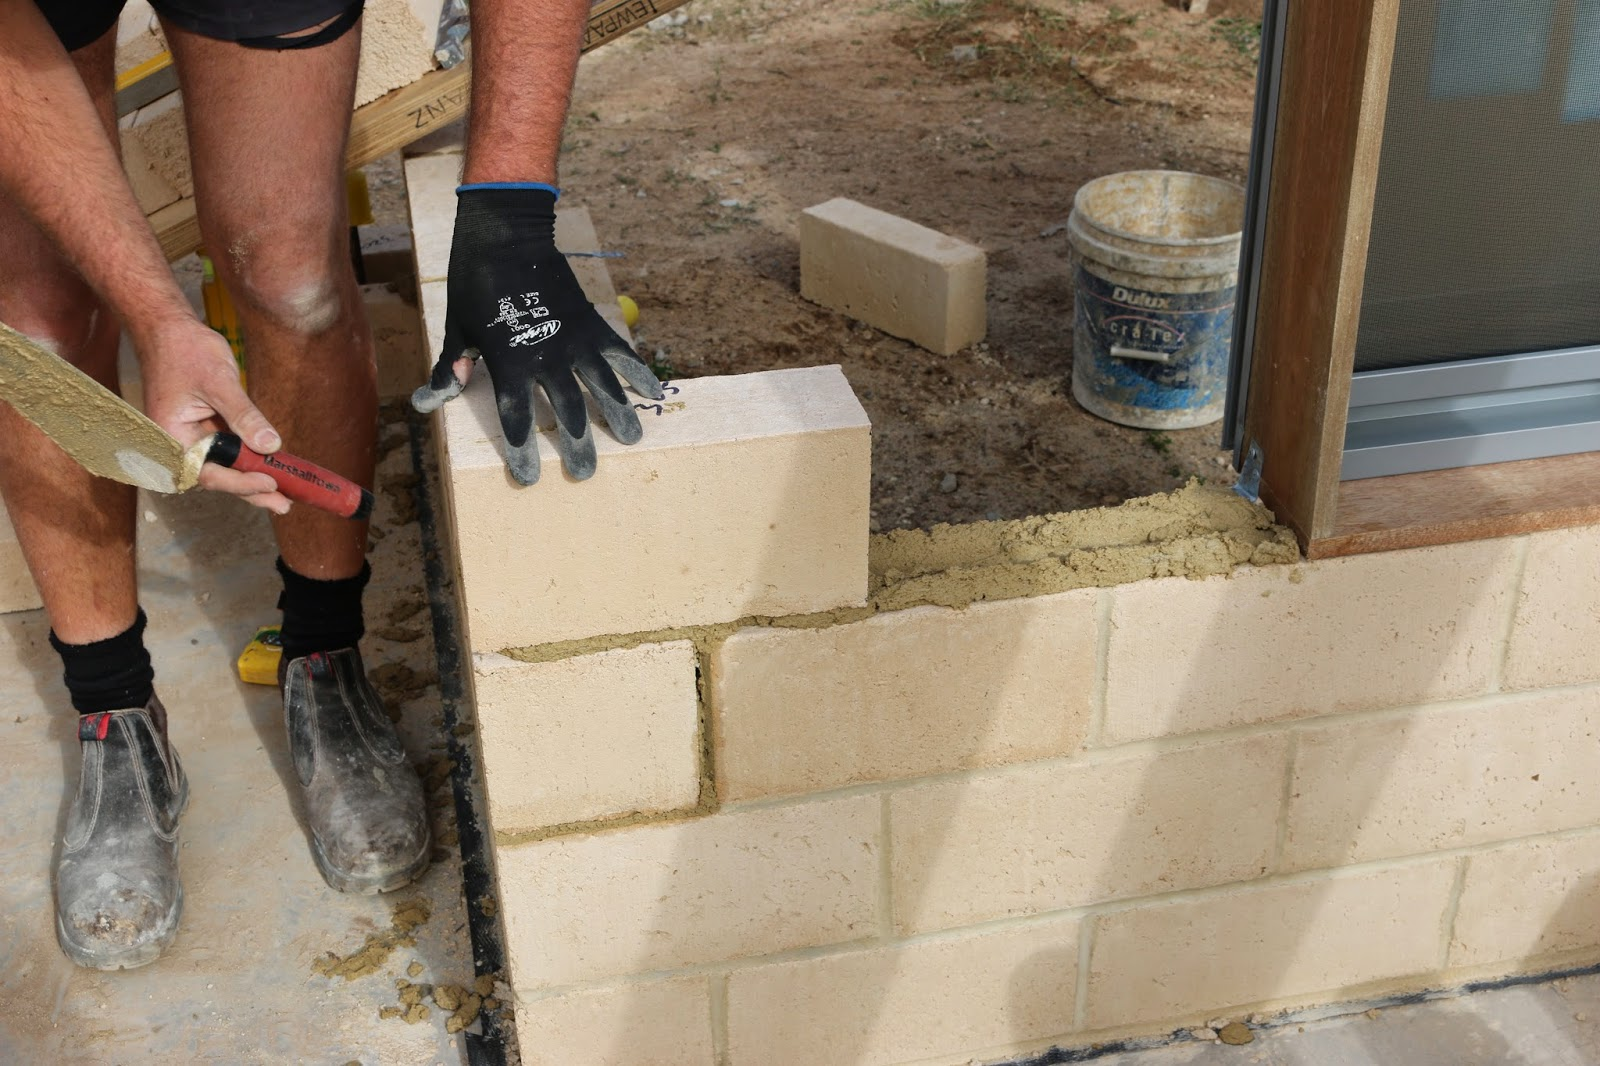 Các viên gạch bằng bê tông mùn cưa được sử dụng trong công trình xây dựng (ảnh: davidrigby.net)